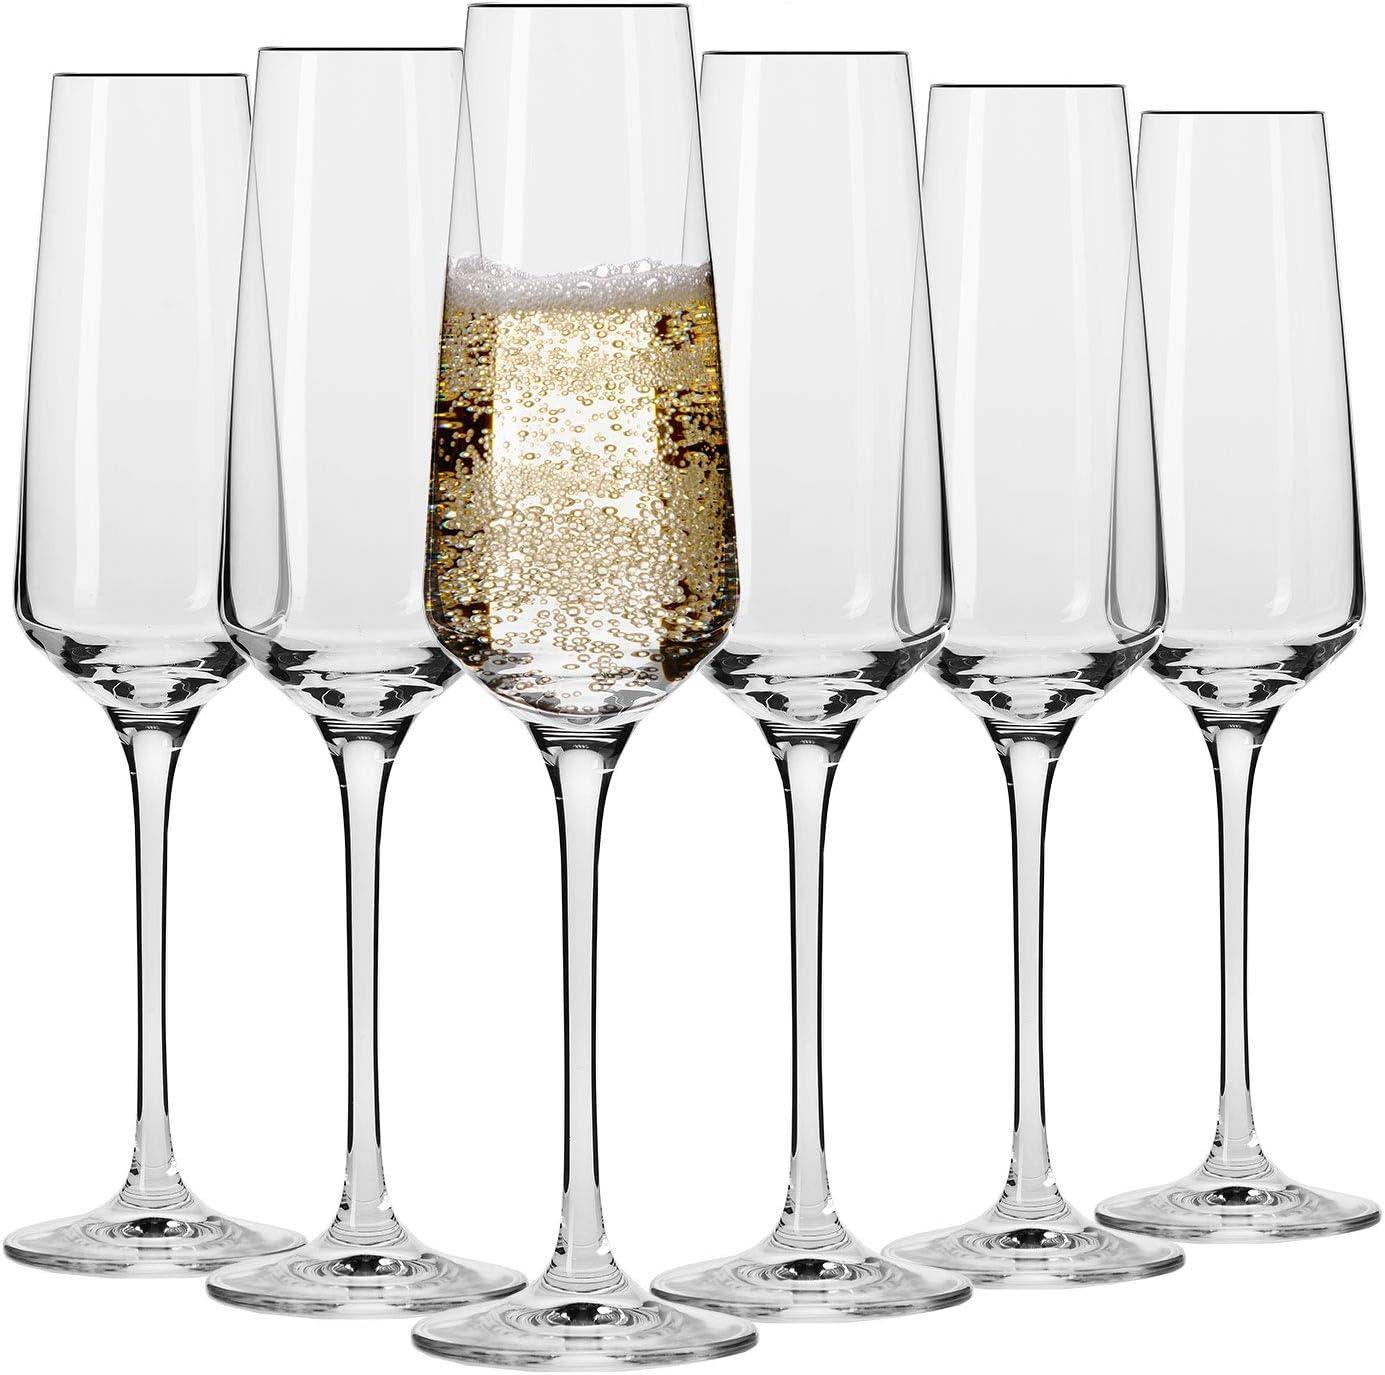 Krosno Copa de champán | Juego de 6 | 180 ML | Colección vanguardista | Perfecto para el hogar, restaurantes y fiestas | Lavaplatos y caja fuerte de microondas: Amazon.es: Hogar